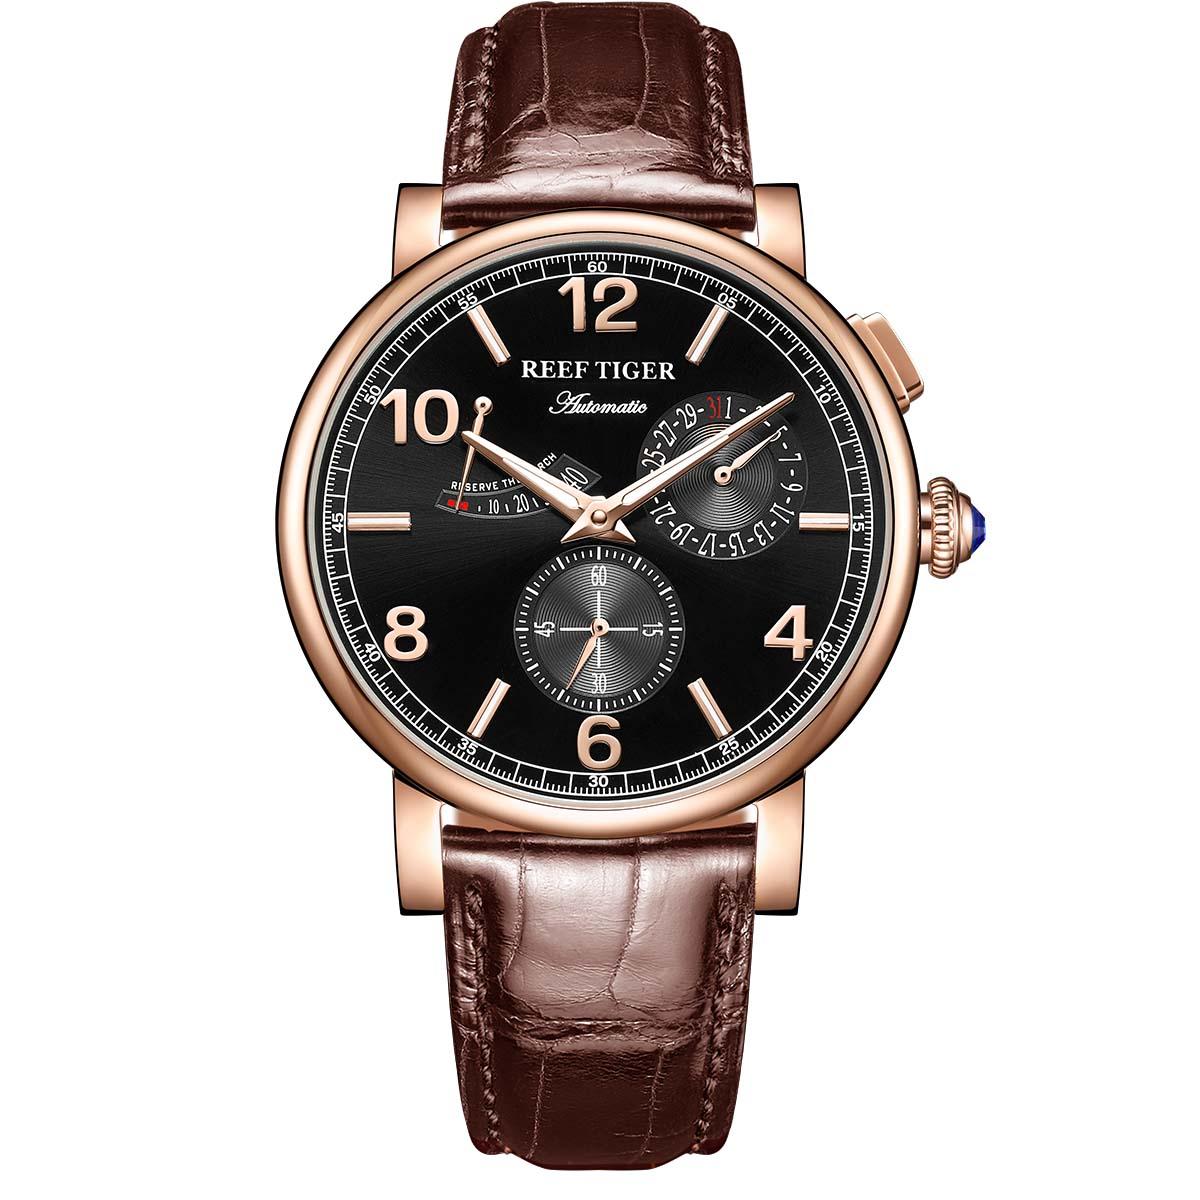 Saatler'ten Mekanik Saatler'de Reef Tigre/RT erkekler saatler üst marka lüks güç rezerv su geçirmez çok fonksiyonlu otomatik Reloj Mujer RGA1978 title=